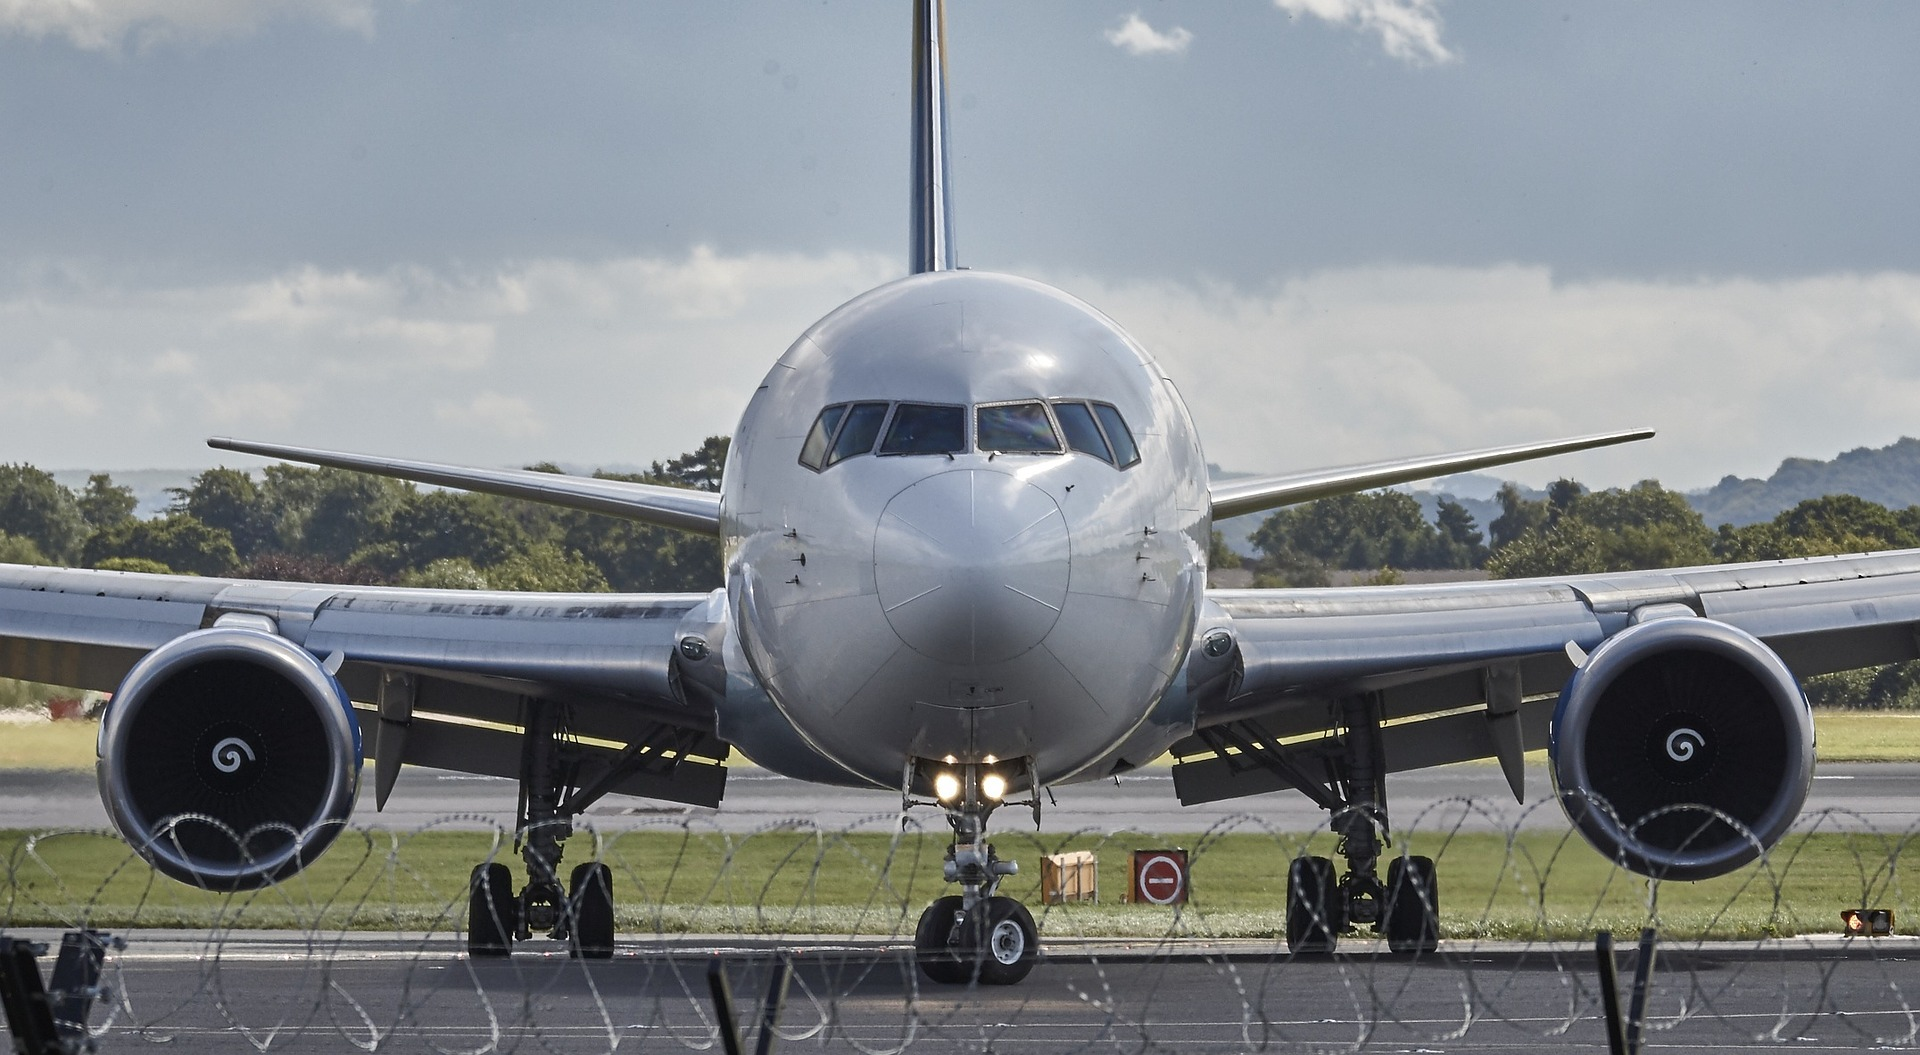 roue en polyurethane pour l'industrie aeronautique